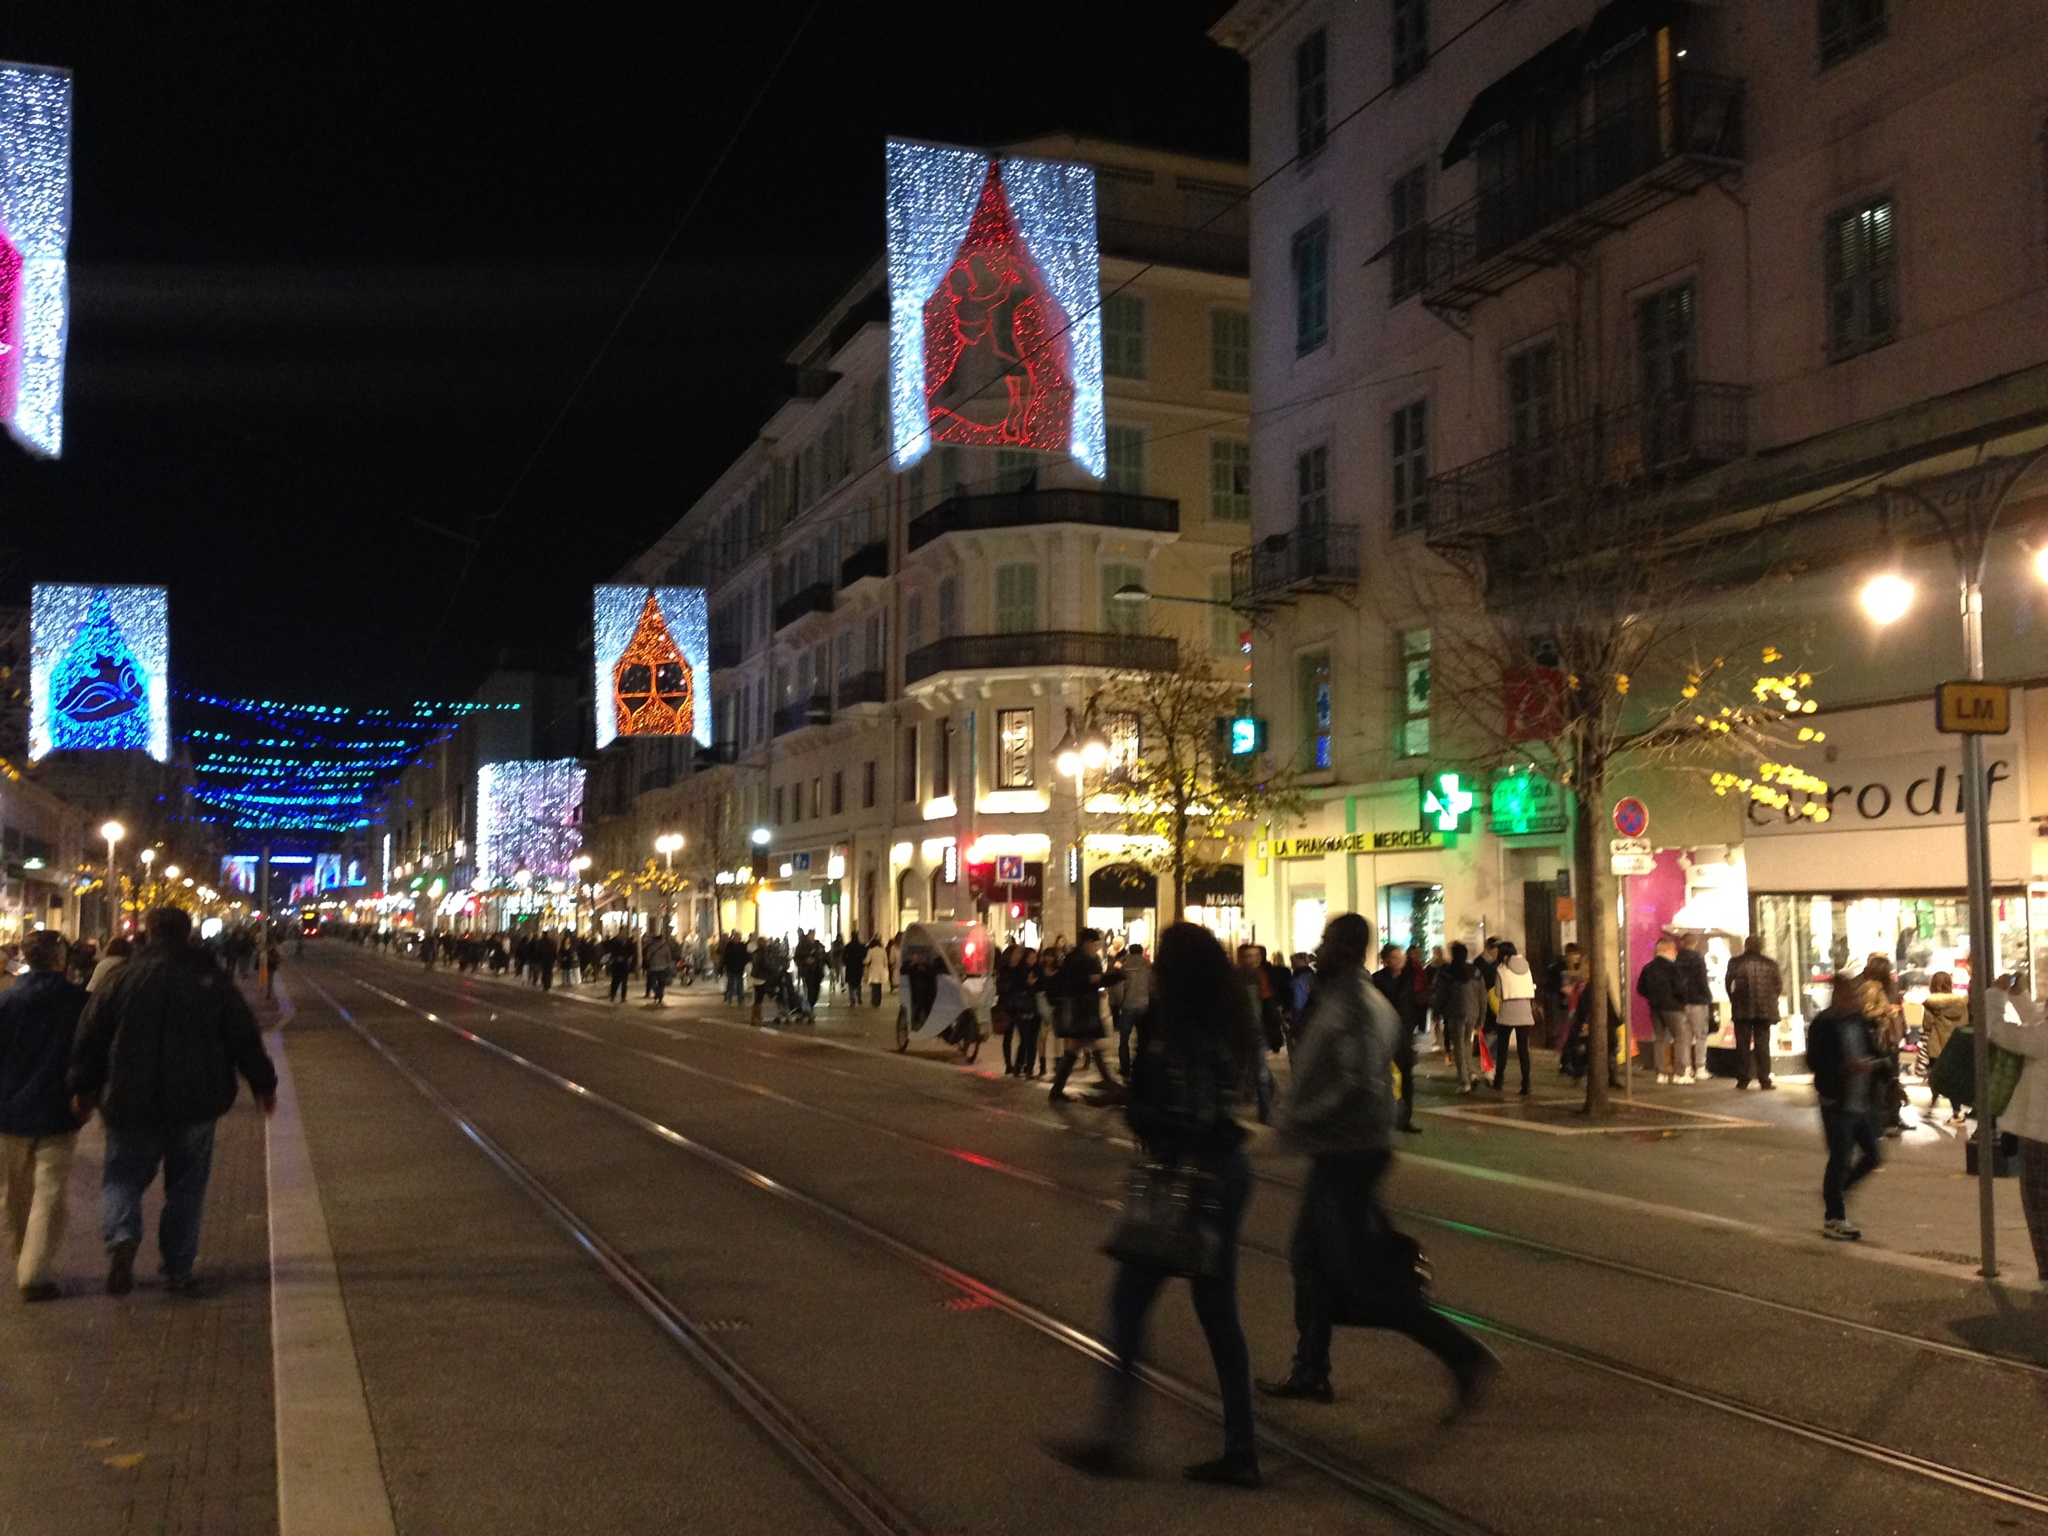 Natale a Nizza by henry castello